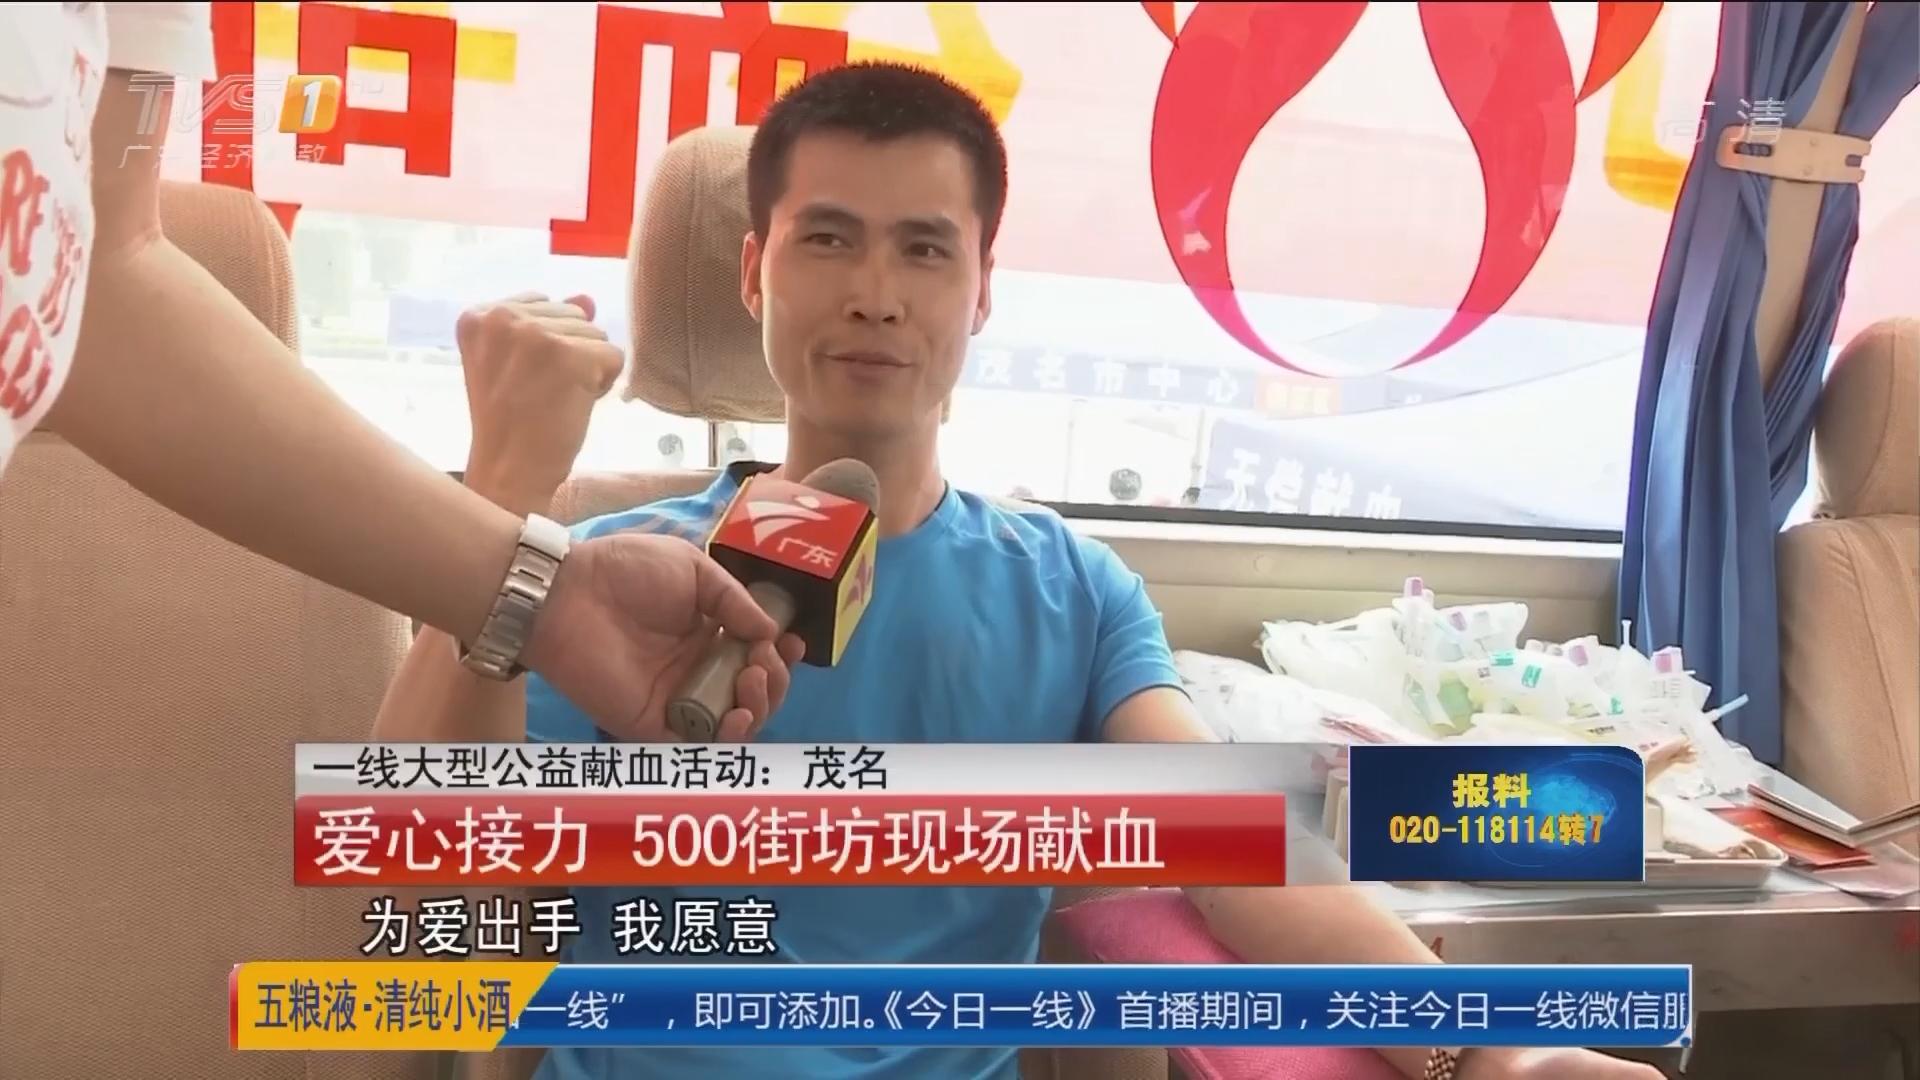 一线大型公益献血活动:茂名 爱心接力 500街坊现场献血